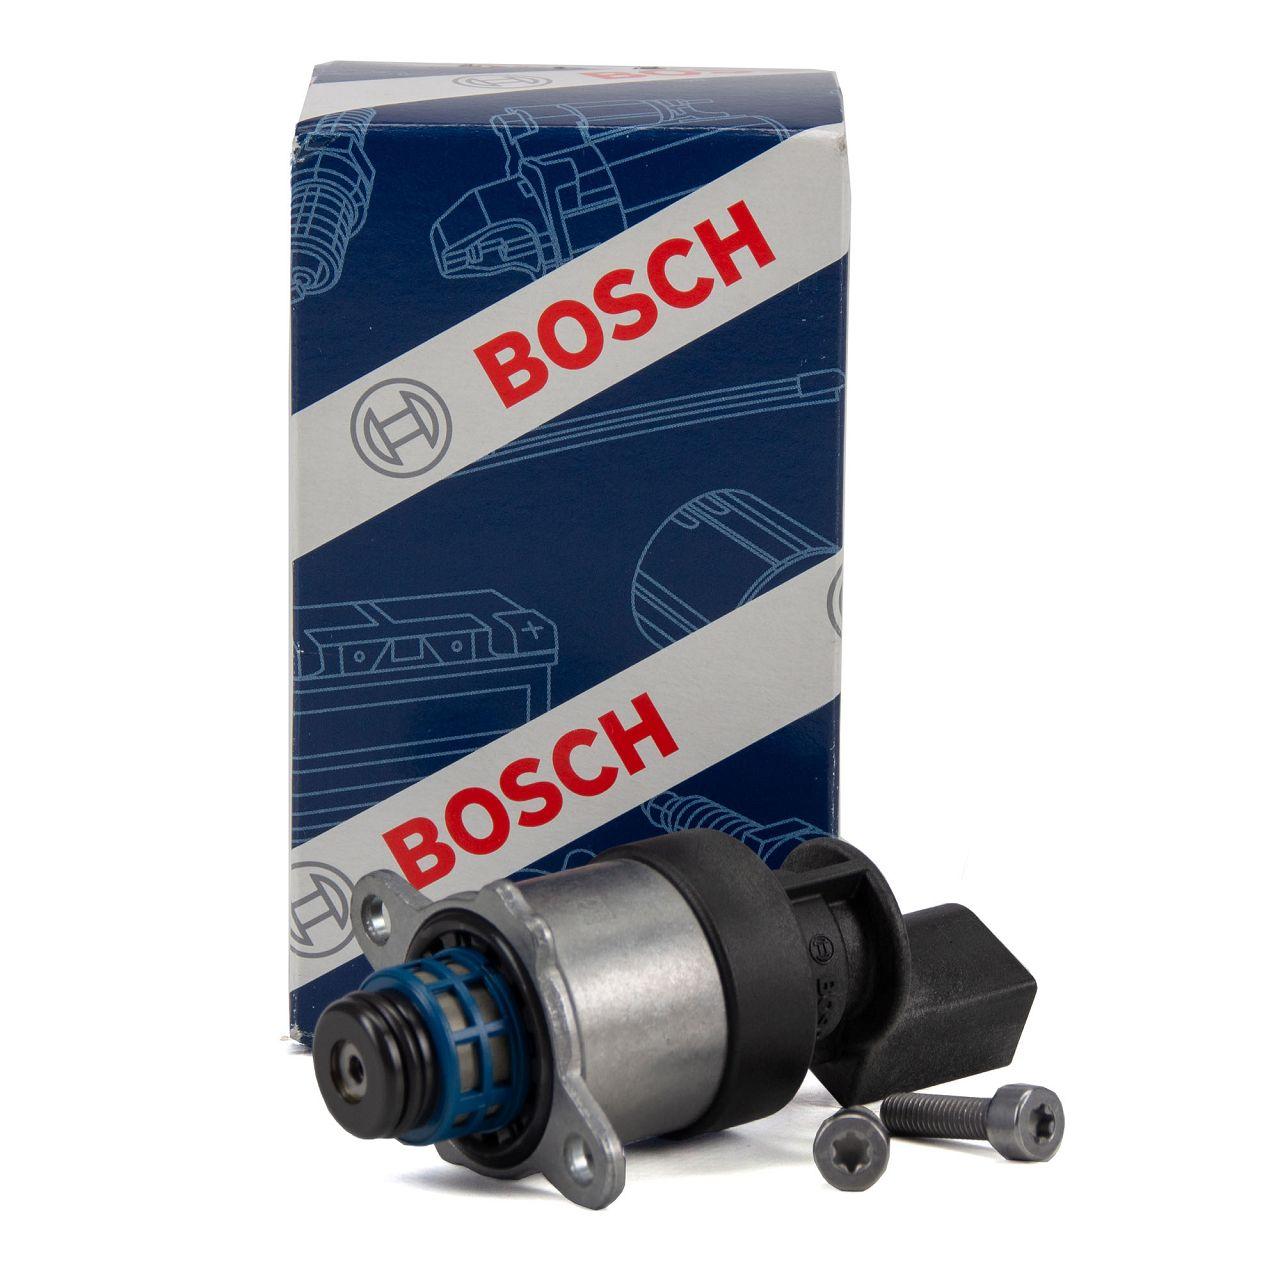 BOSCH 1462C00991 Druckregelventil Common-Rail-System für BMW N47 N57 DIESEL